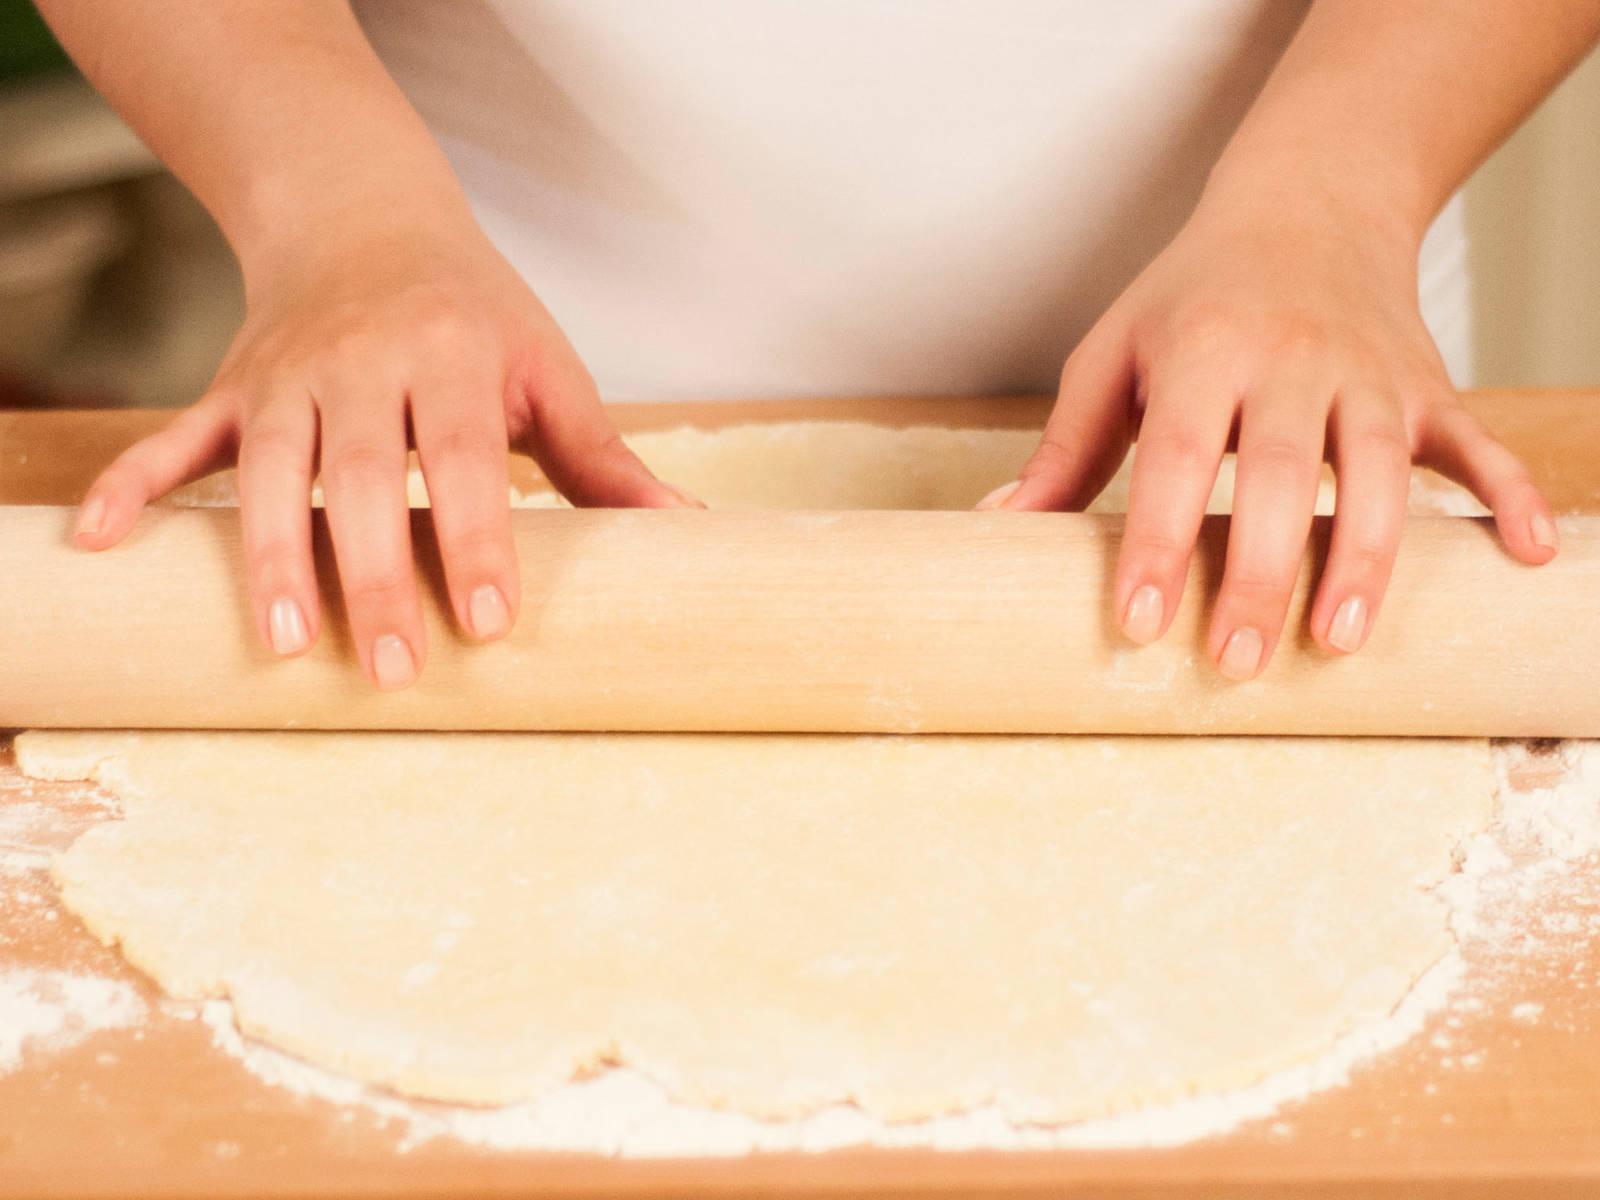 将面团放在薄撒面粉的工作台上擀,将面皮多翻面几次,以防粘连,擀至比派盘稍大的圆形。